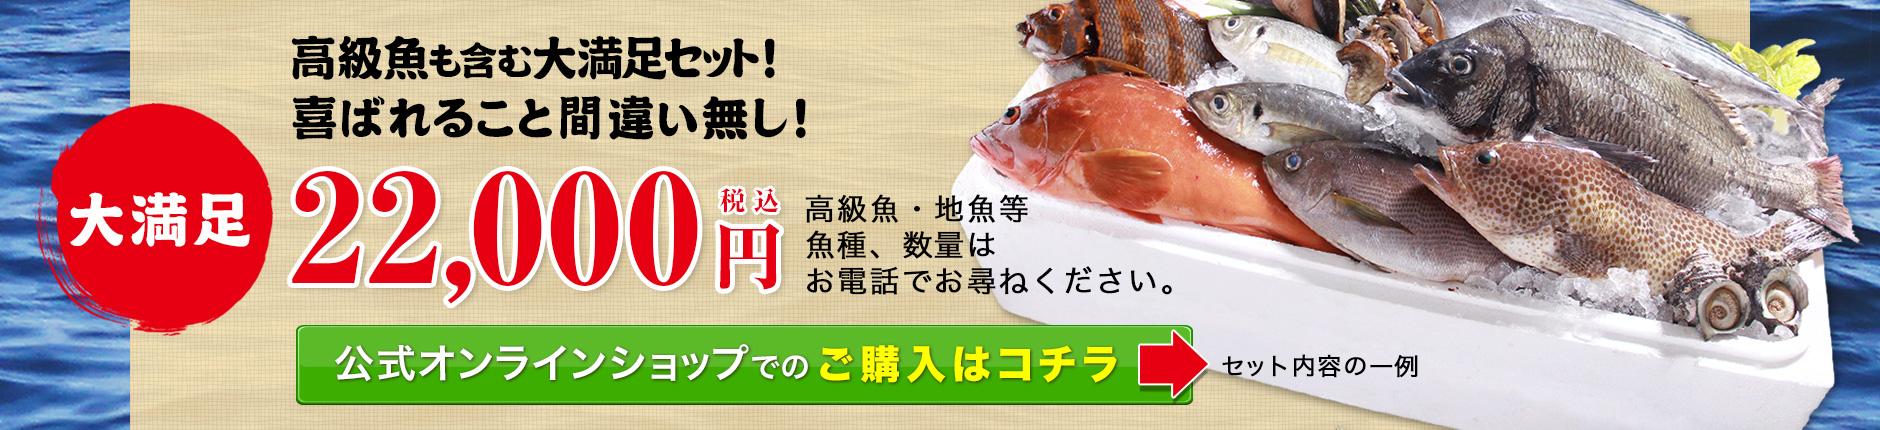 大満足22000円セットのお取り寄せ。高級魚も含む大満足セット!喜ばれること間違い無し!